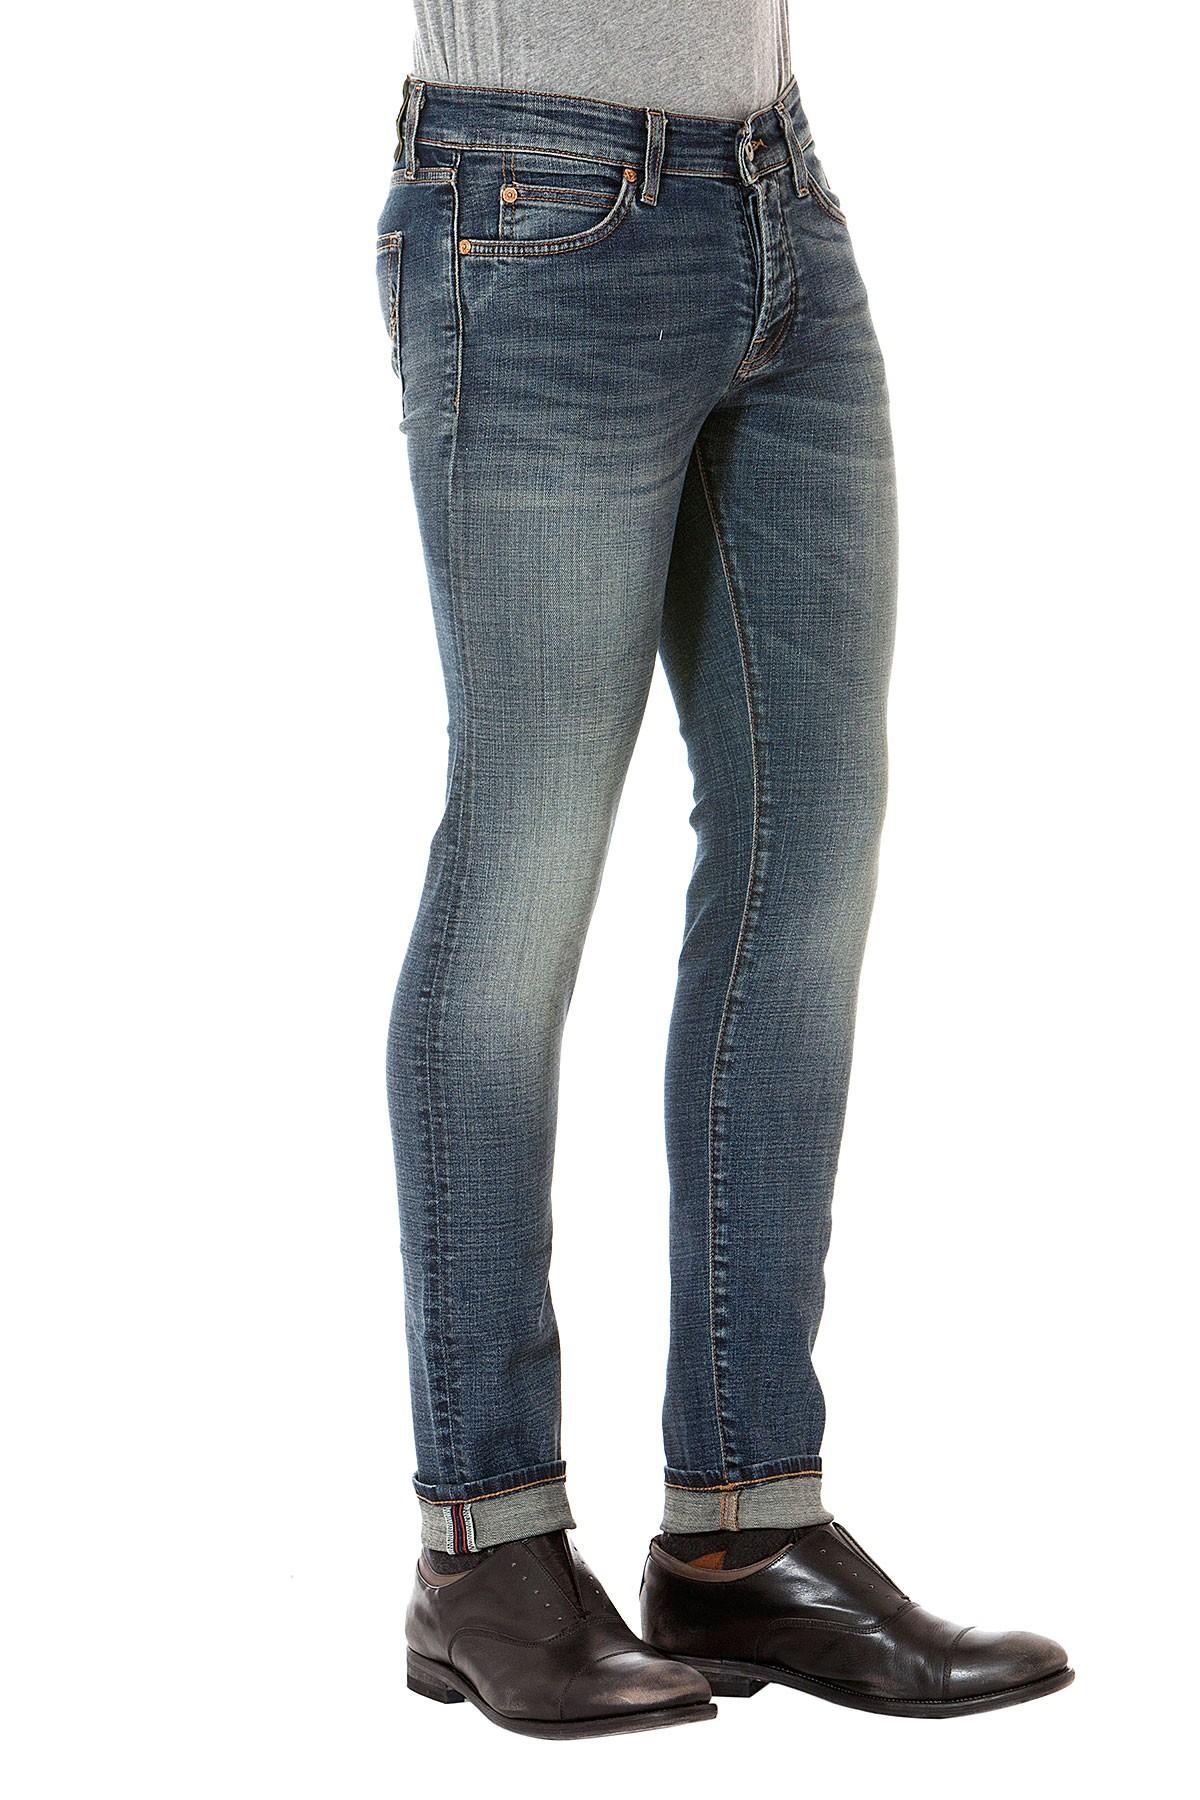 ROY ROGERu0026#39;S Jeans denim effetto slavato per uomo autunno inverno 14-15 - Rione Fontana